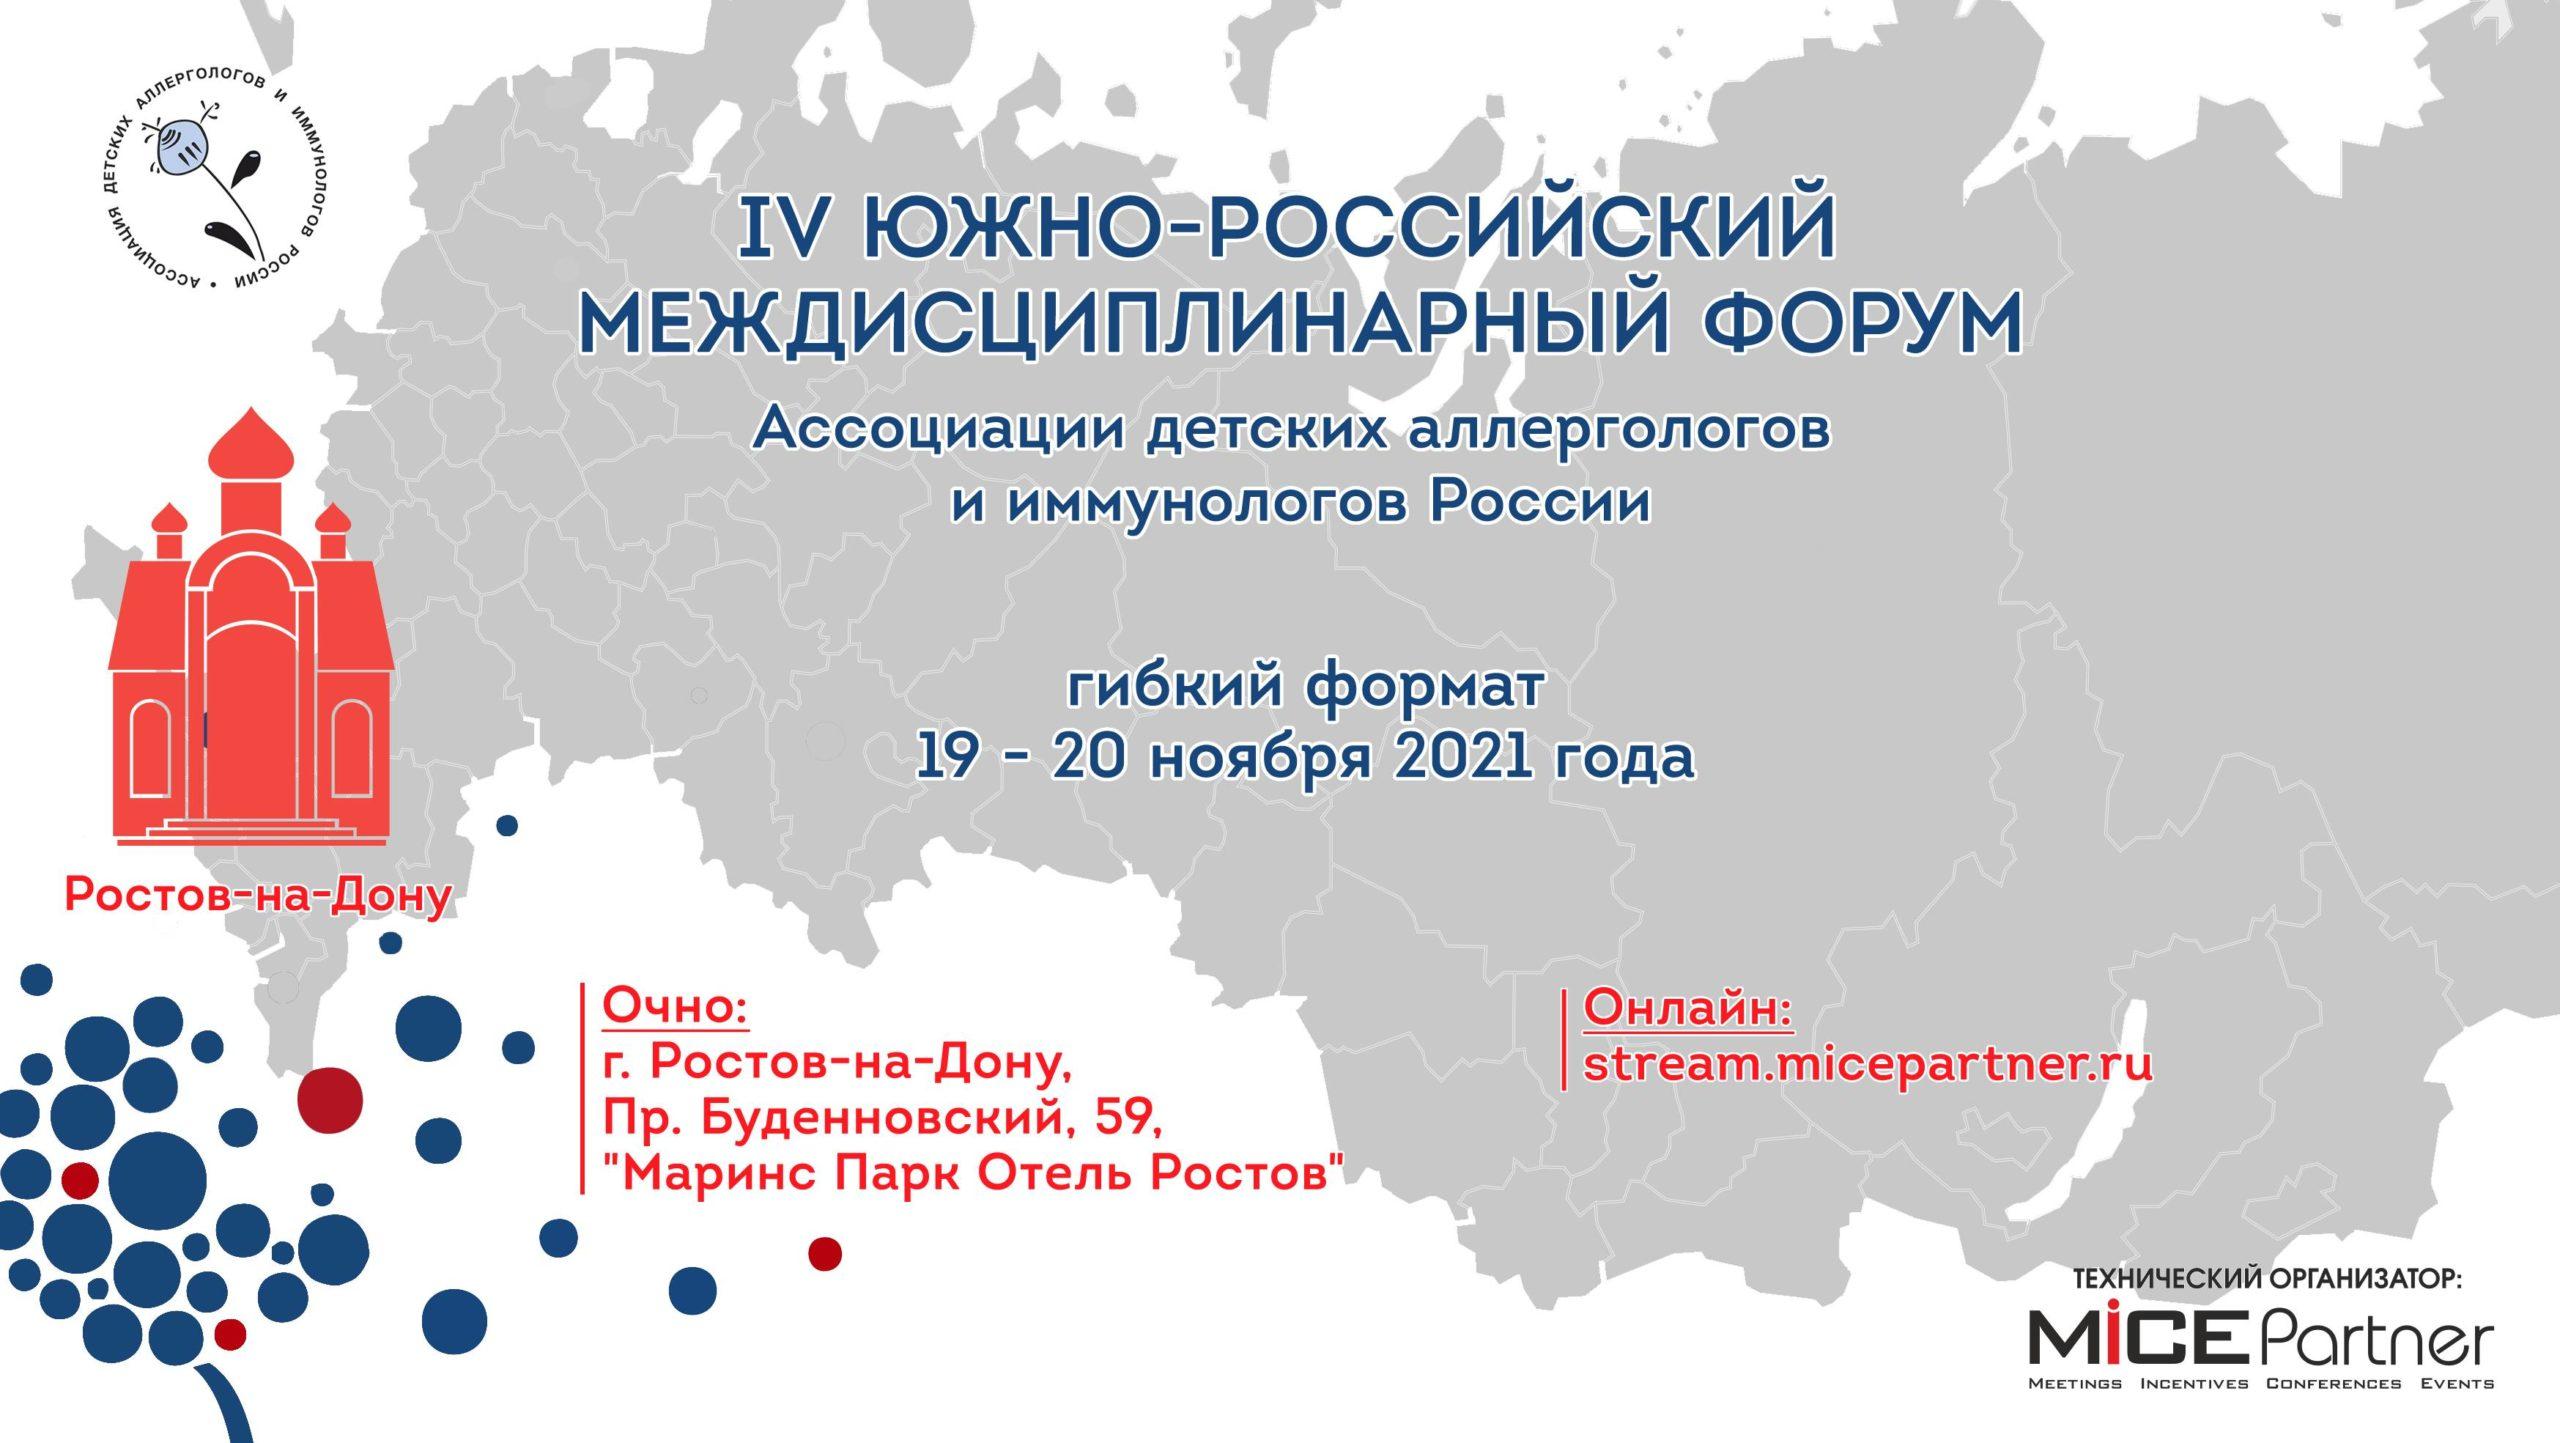 Баннер IV Южно-Российского междисциплинарного форума